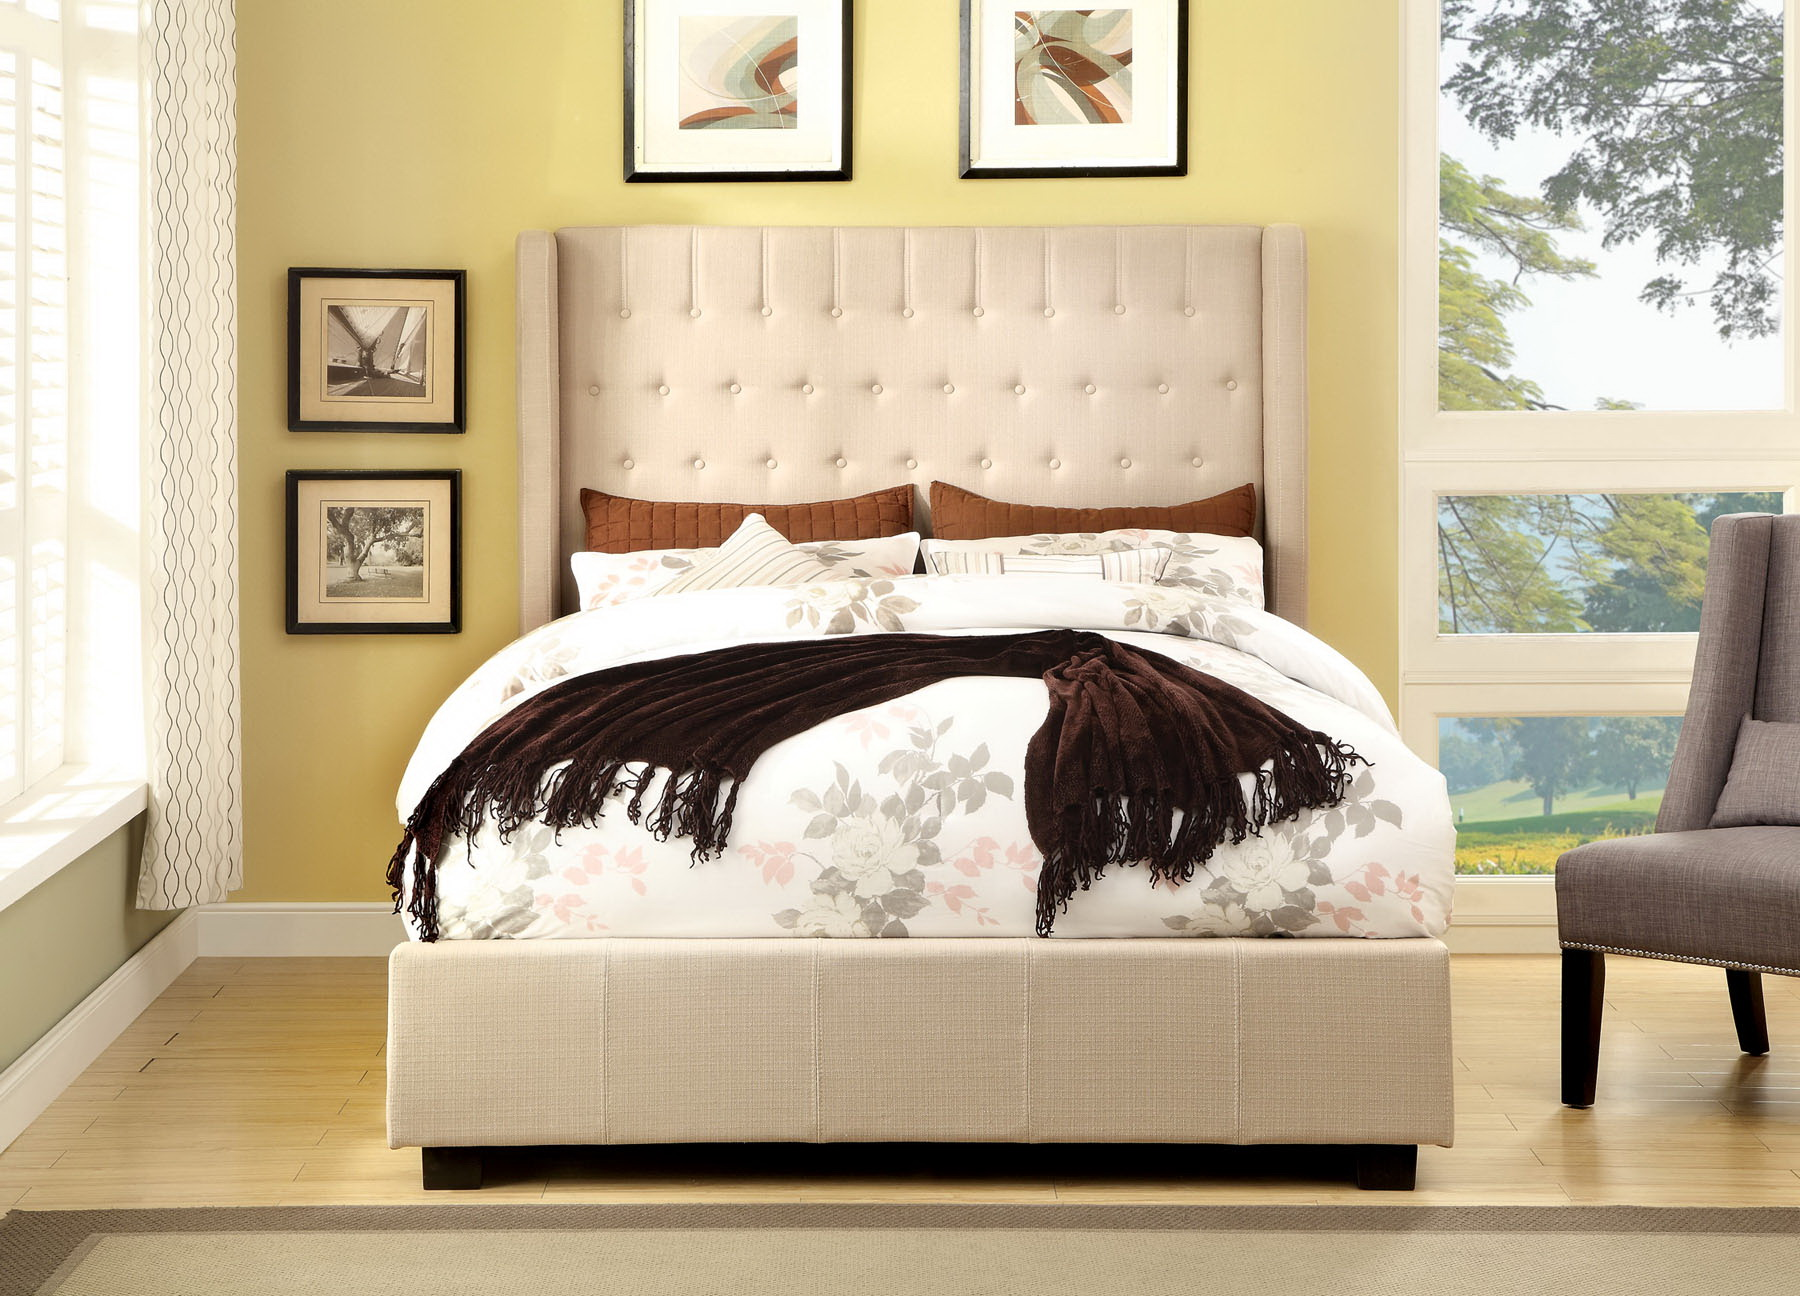 Tufted King Bed Bed Girl Bedding Sets Home Depot Flamingo Akzent Dark Wood Bedroom Furniture